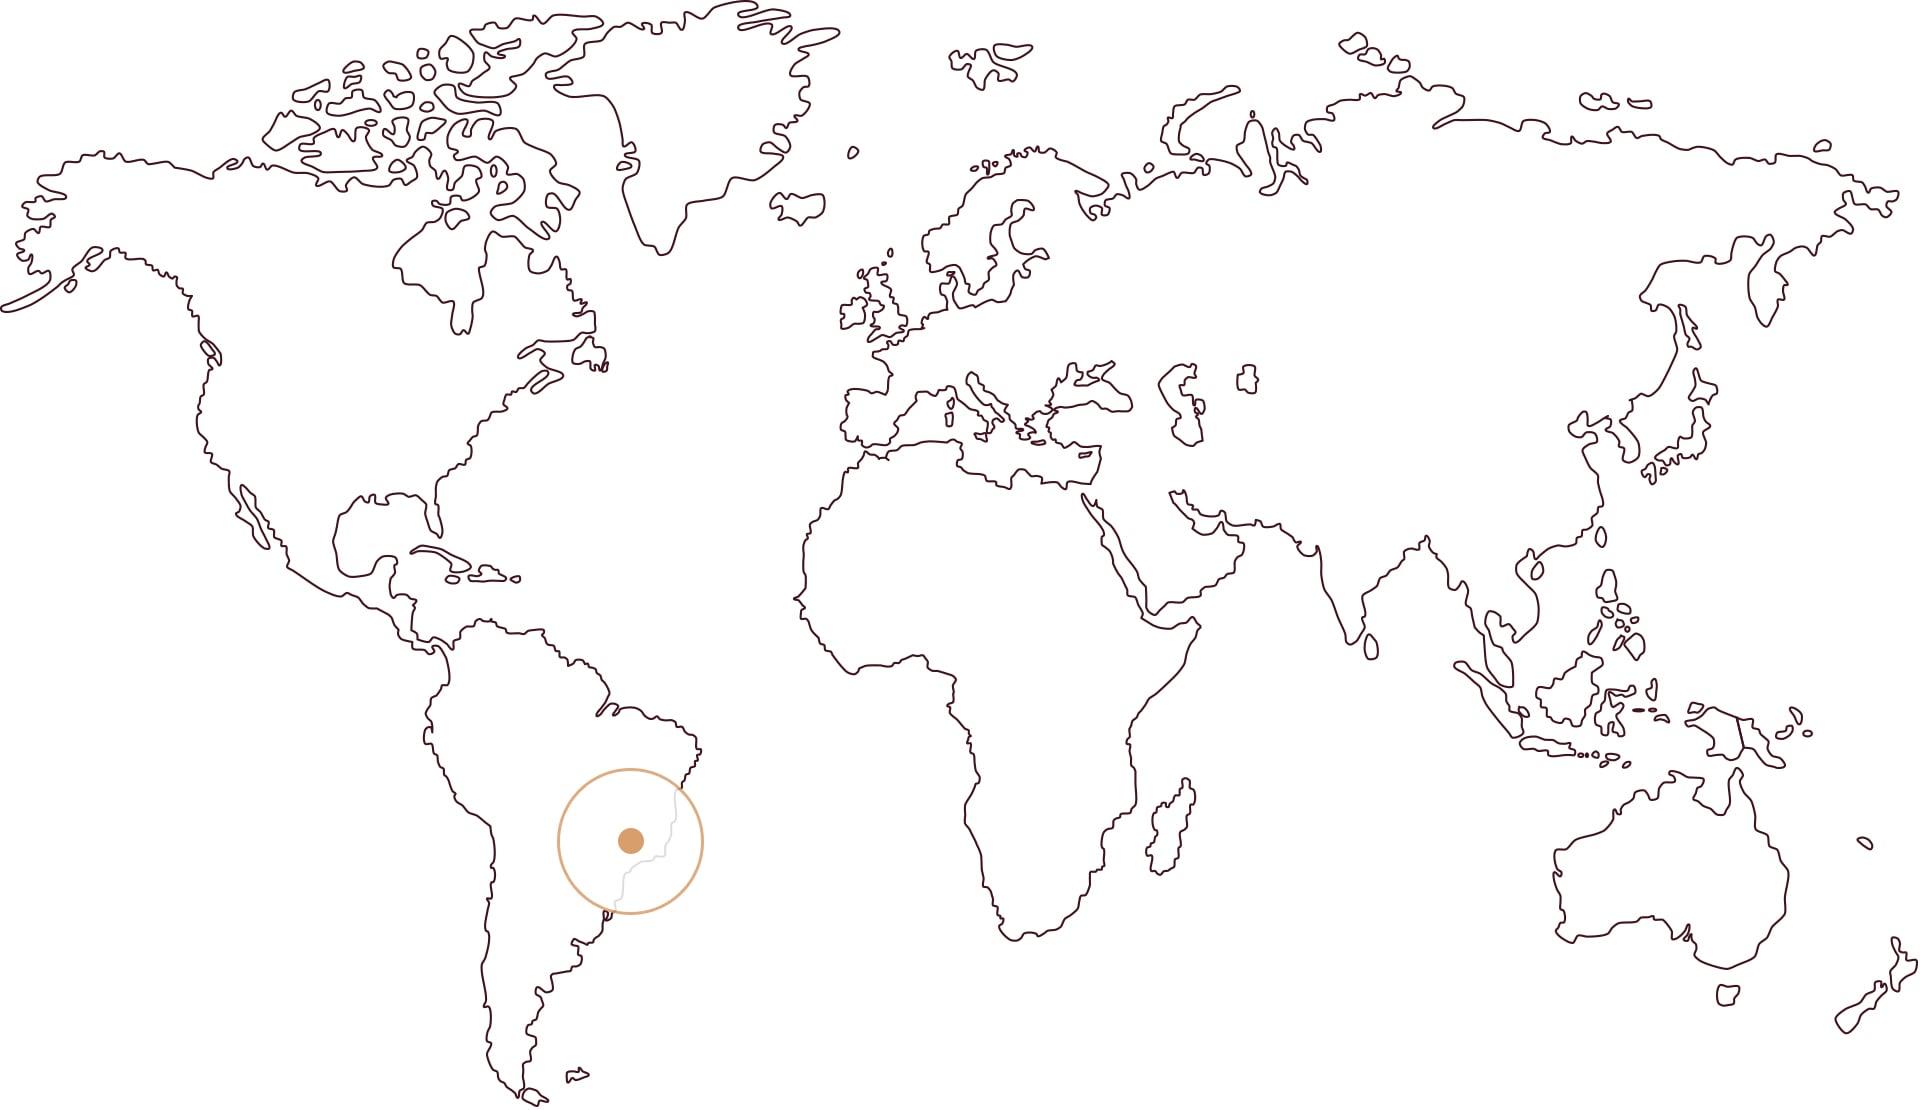 Zemljevid Brazilija PICO MIRANTE